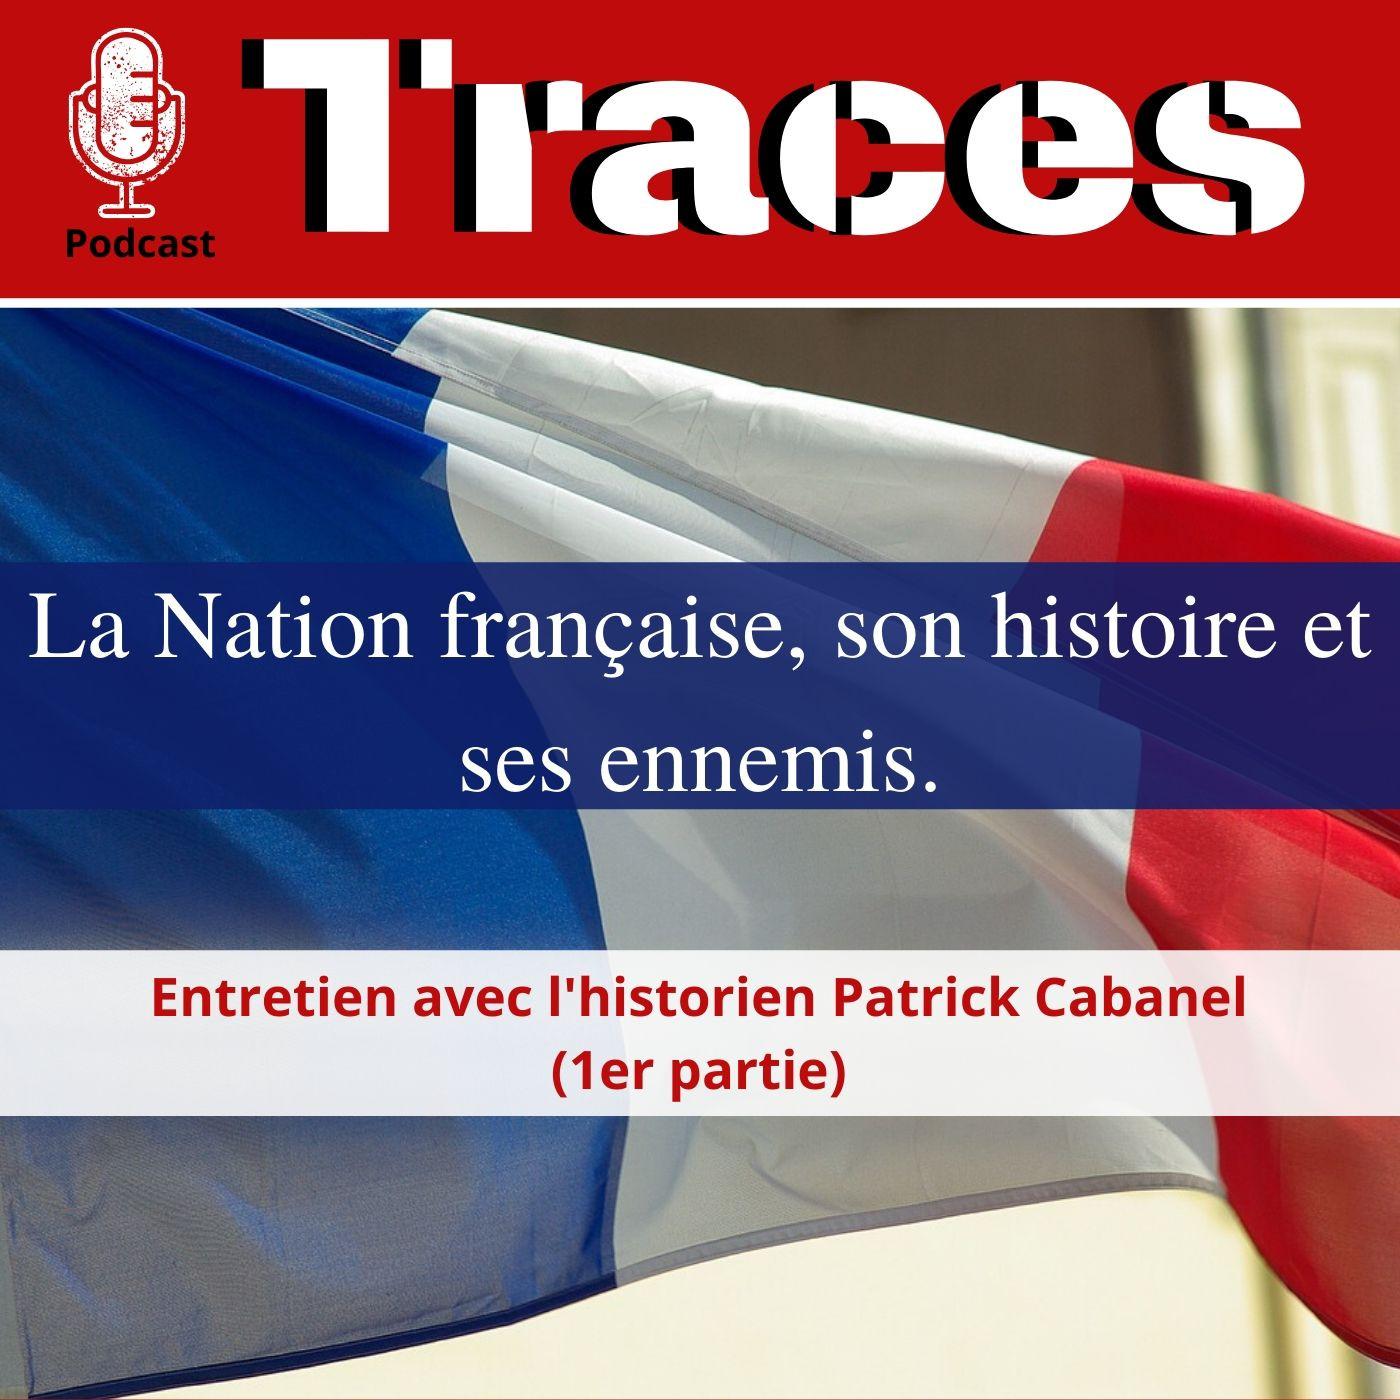 La Nation française, son histoire et ses ennemis. (1/2)